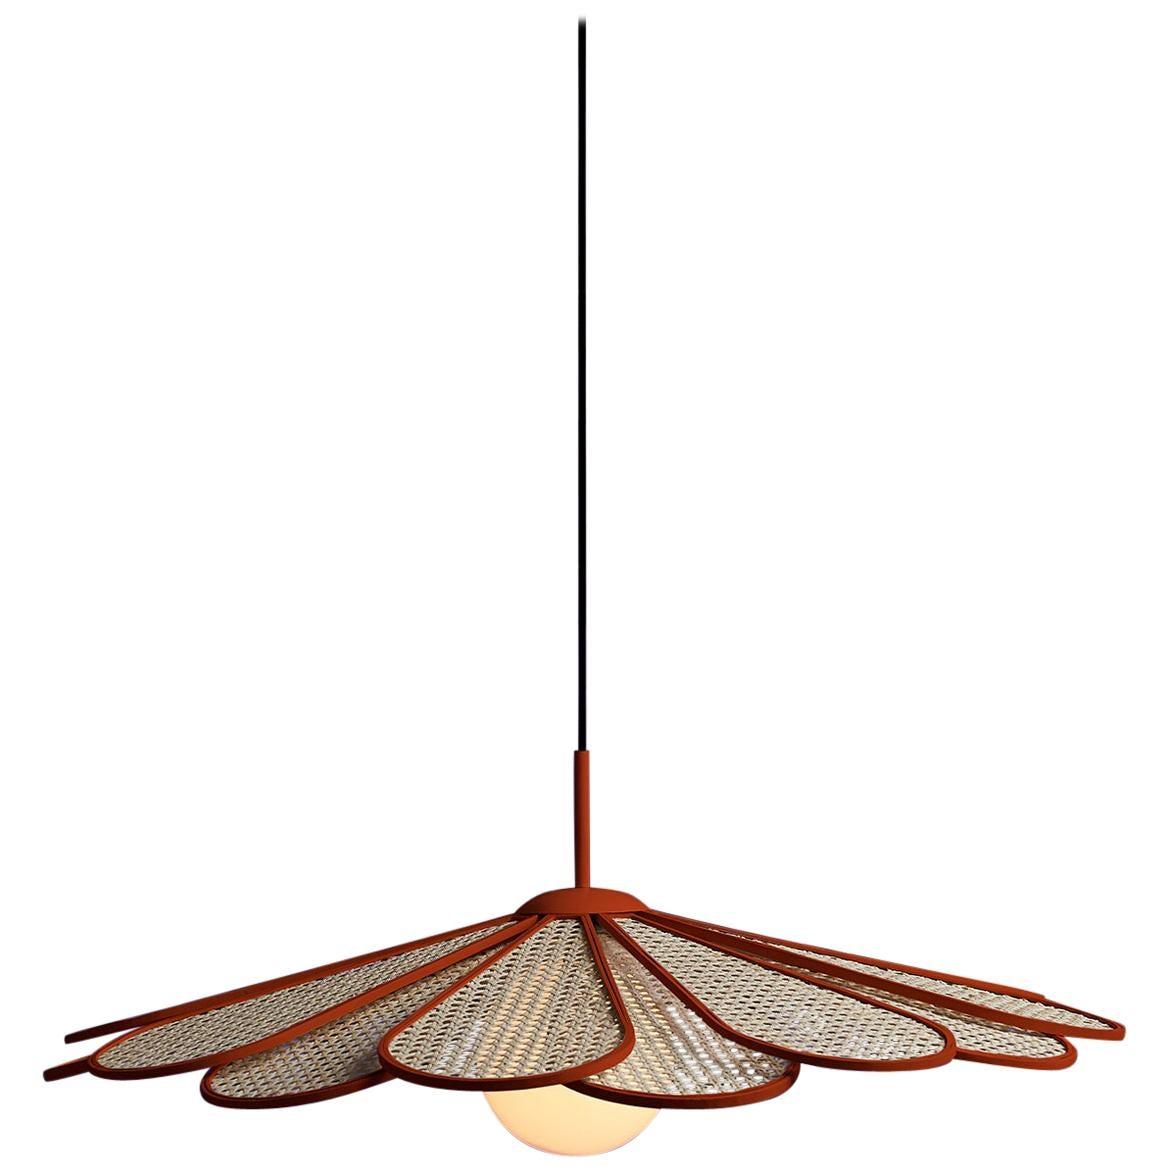 Tropicana Ceiling Lamp by Serena Confalonieri